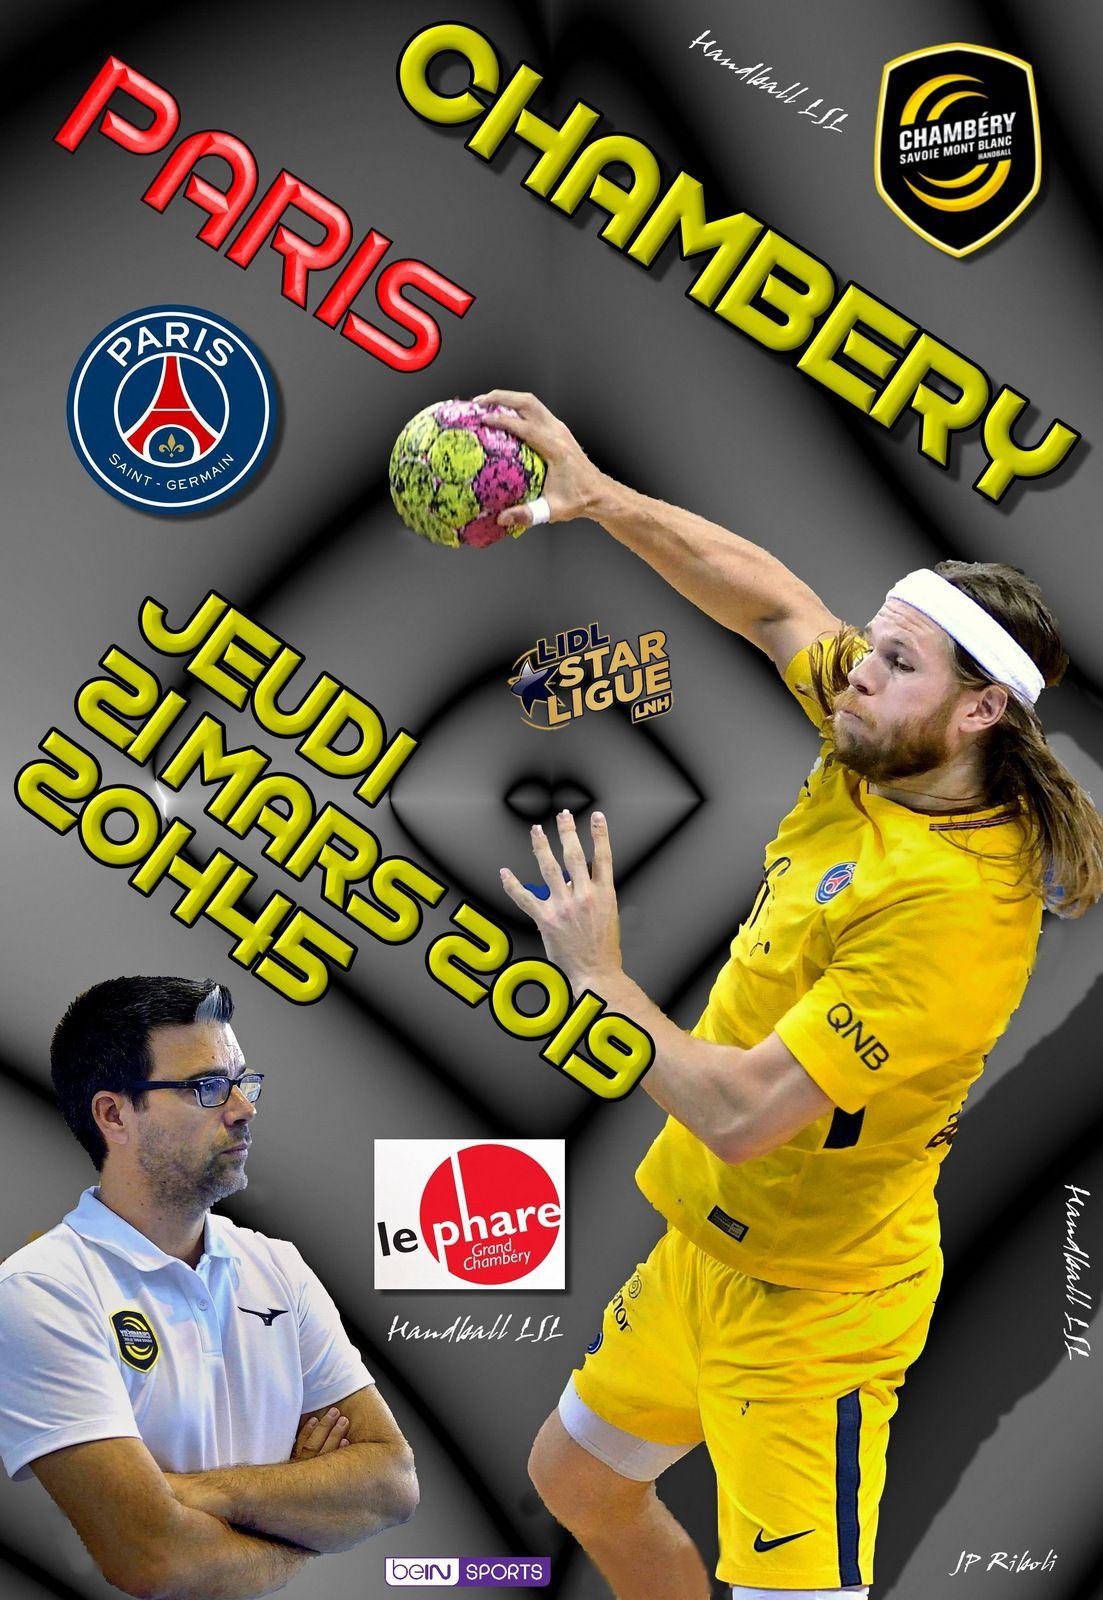 QUE LA FÊTE SOIT BELLE ! CHAMBERY VS PARIS MERCREDI 26 MAI 2021 - 18:00